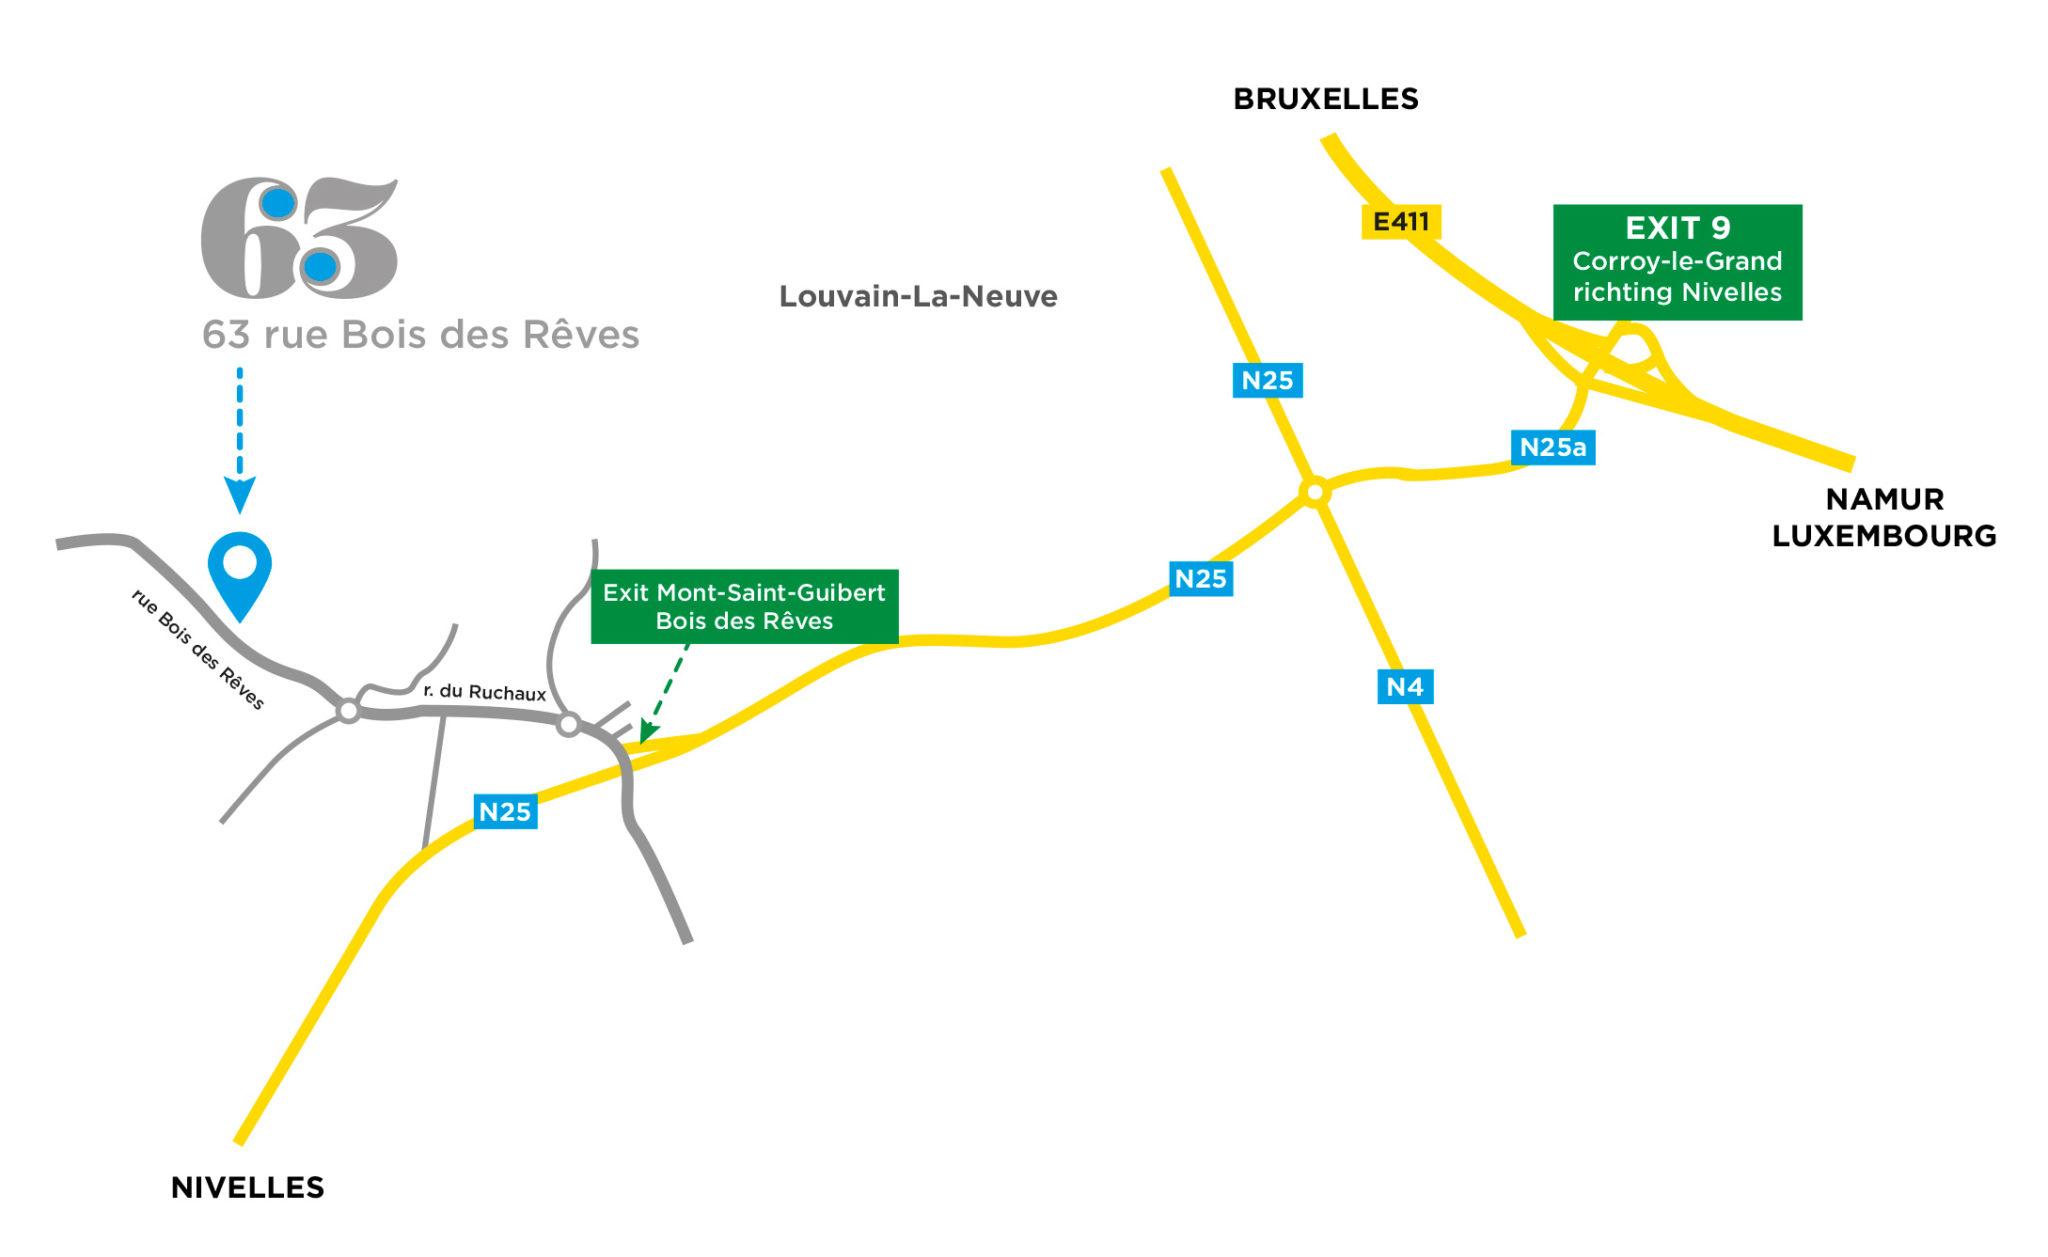 plan d'accès 63 rue Bois des Rêves